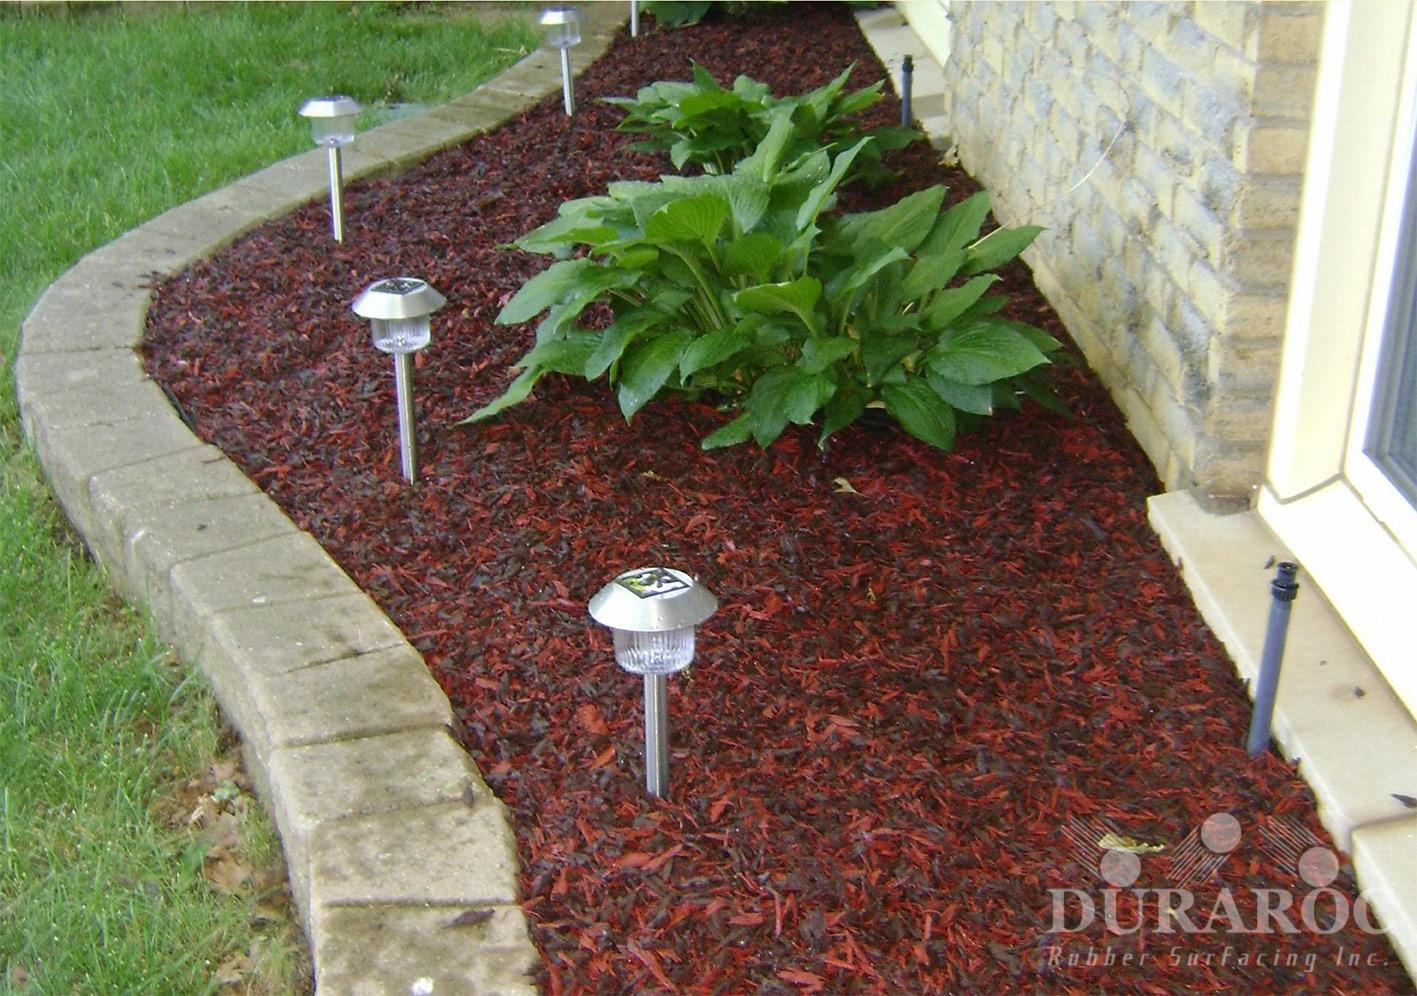 Duraroc garden rubber mulch